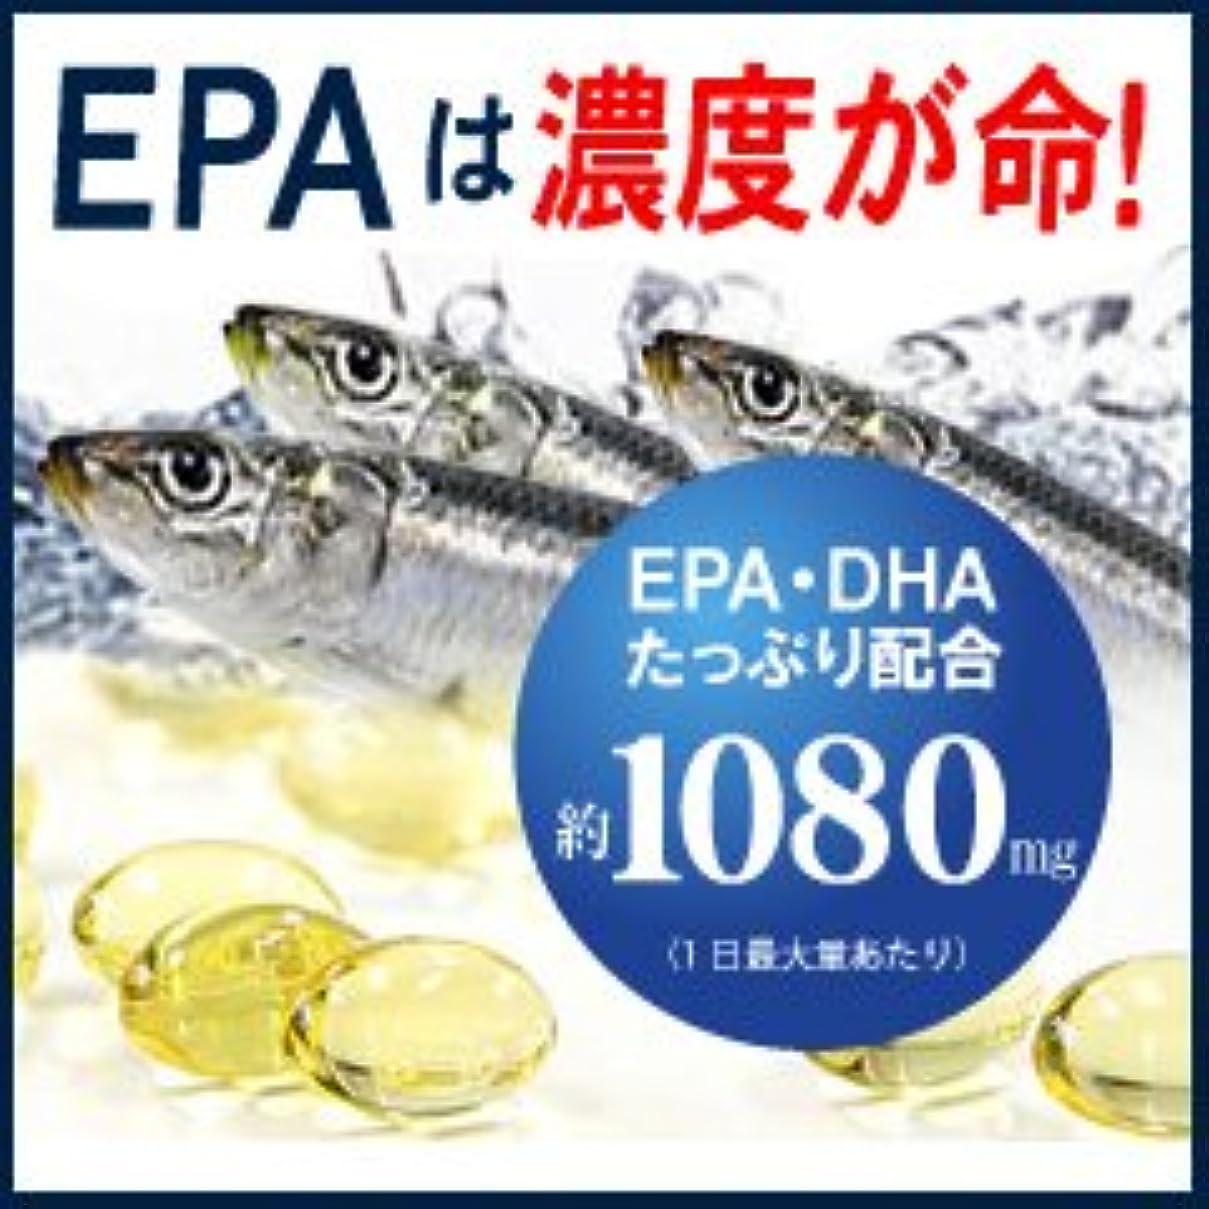 章爵平らな高濃度EPAサプリの決定版 アレルリボーテ 180錠 オメガ3系不飽和脂肪酸 EPA/DHA高含有